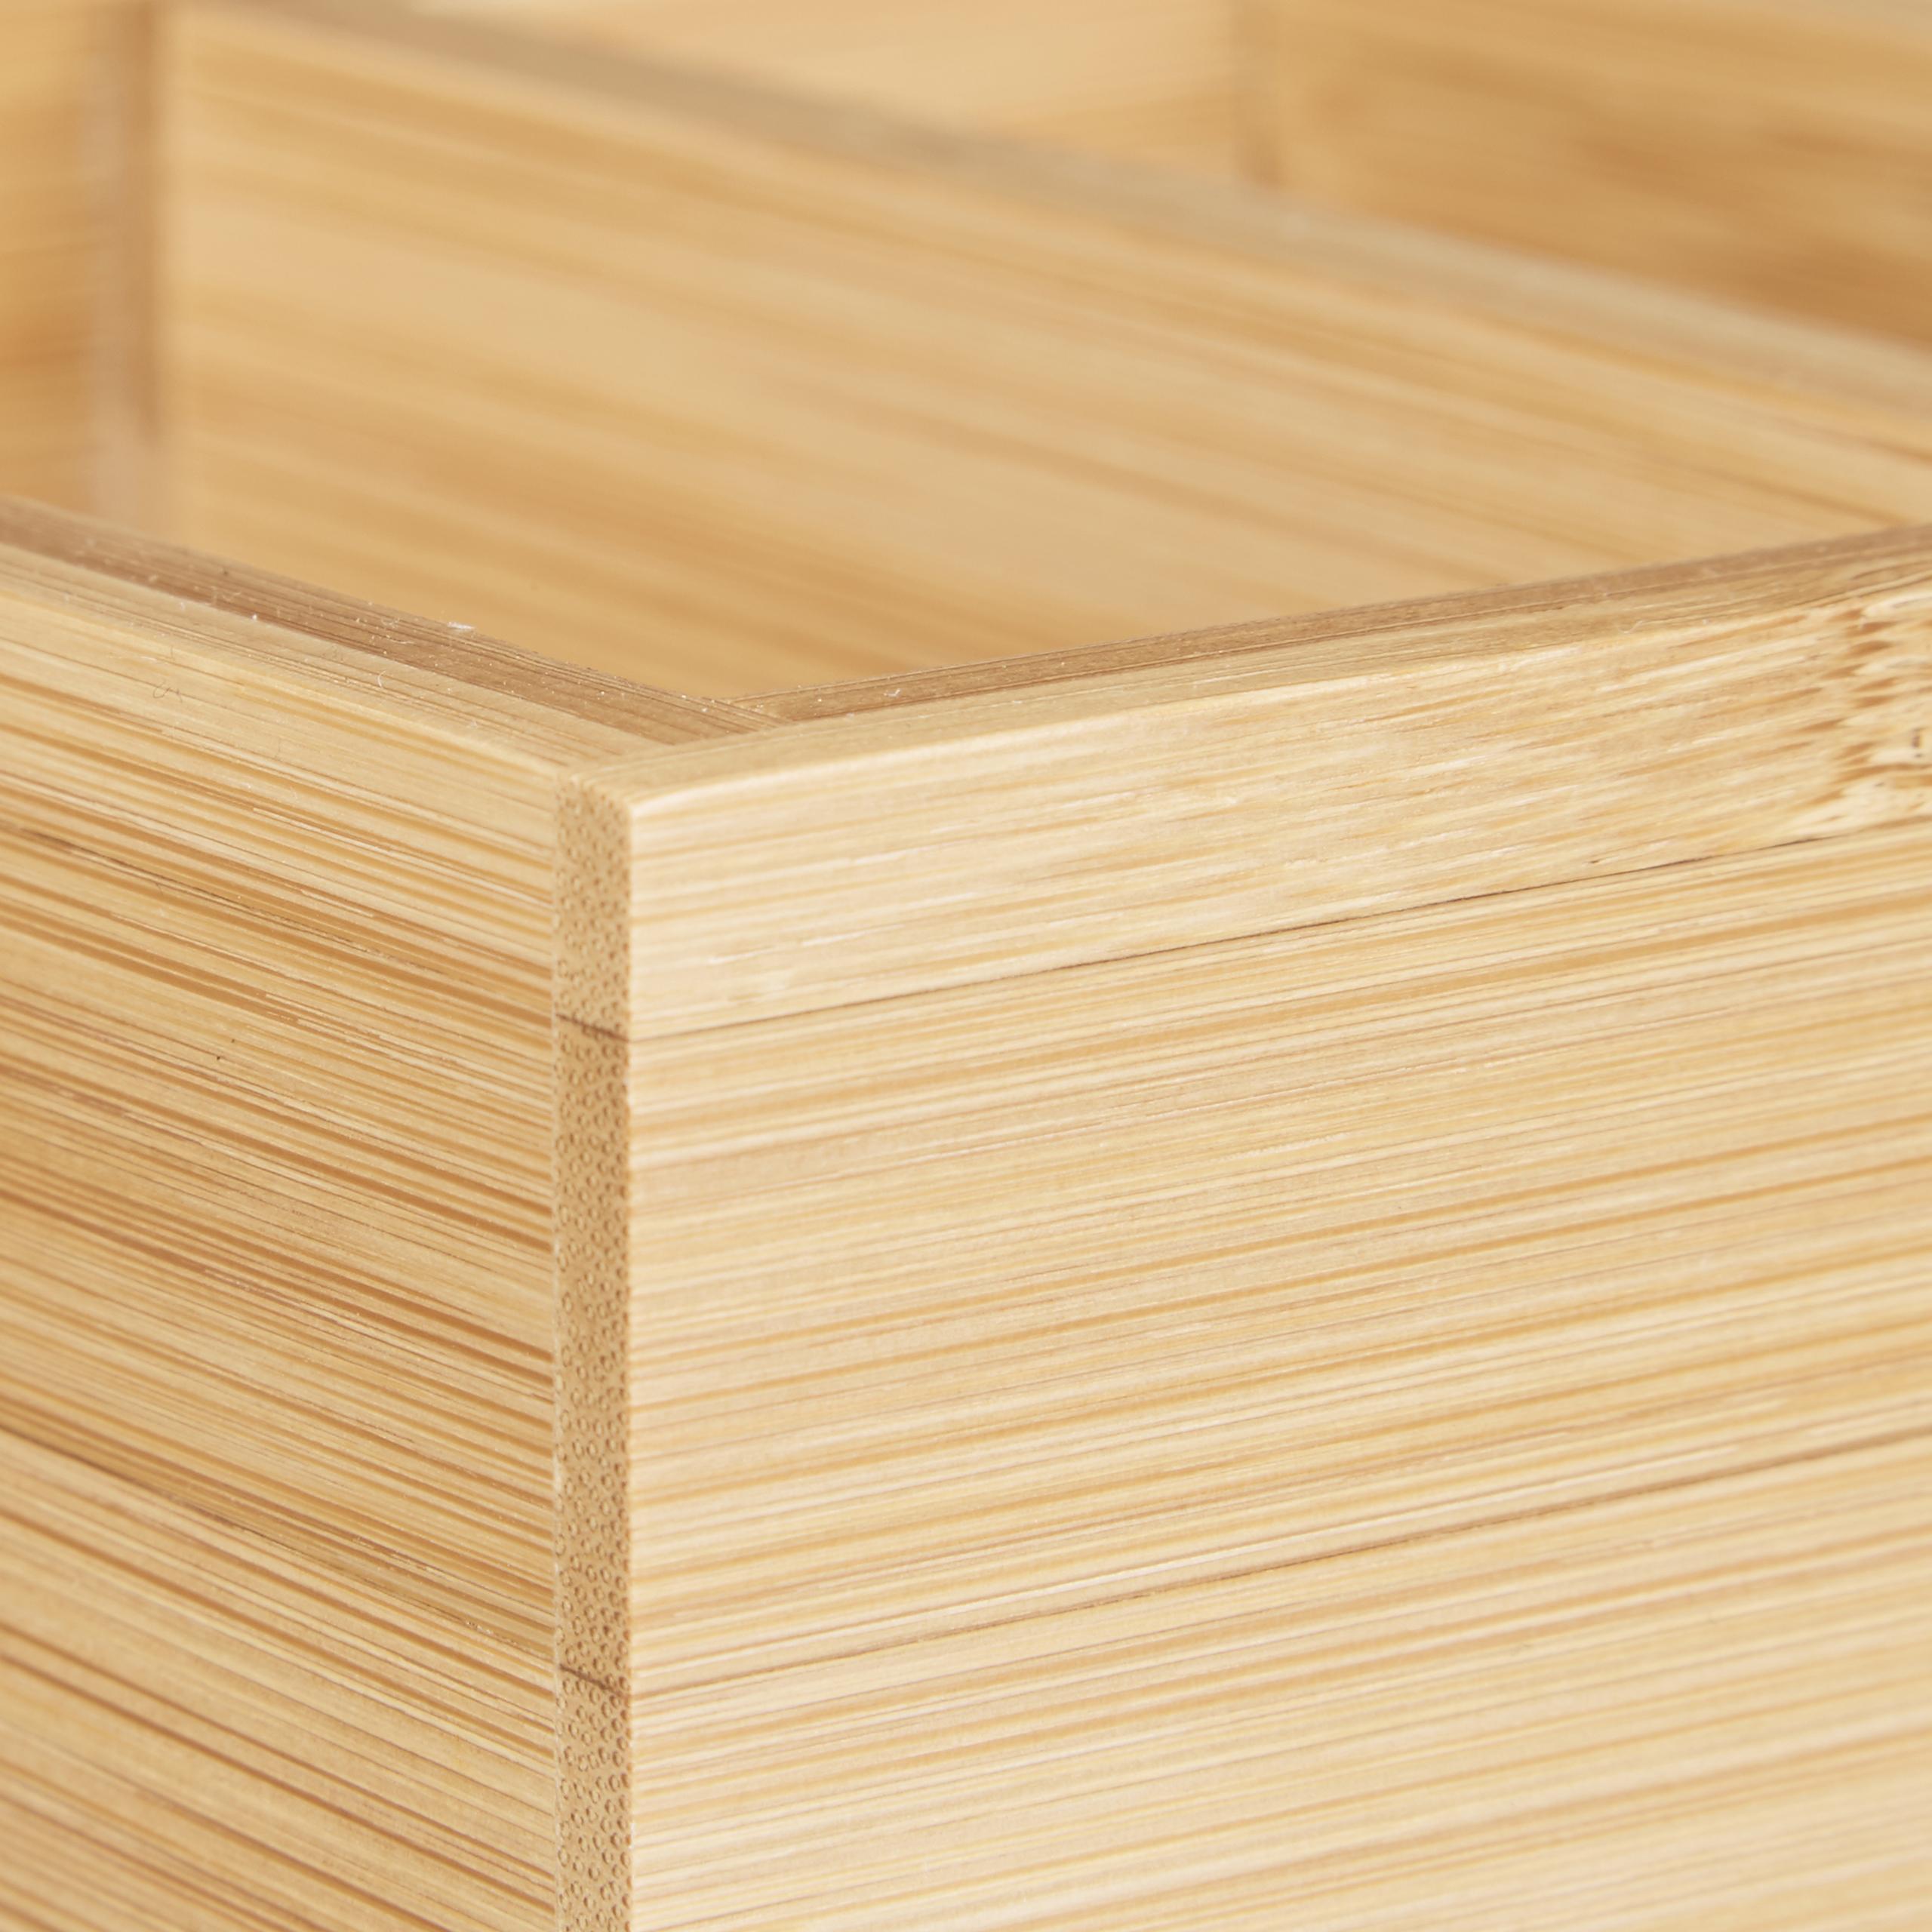 Karteikasten-DIN-A8-Holz-natuerlich-Karteikartensystem-Lernbox-Visitenkartenbox Indexbild 5